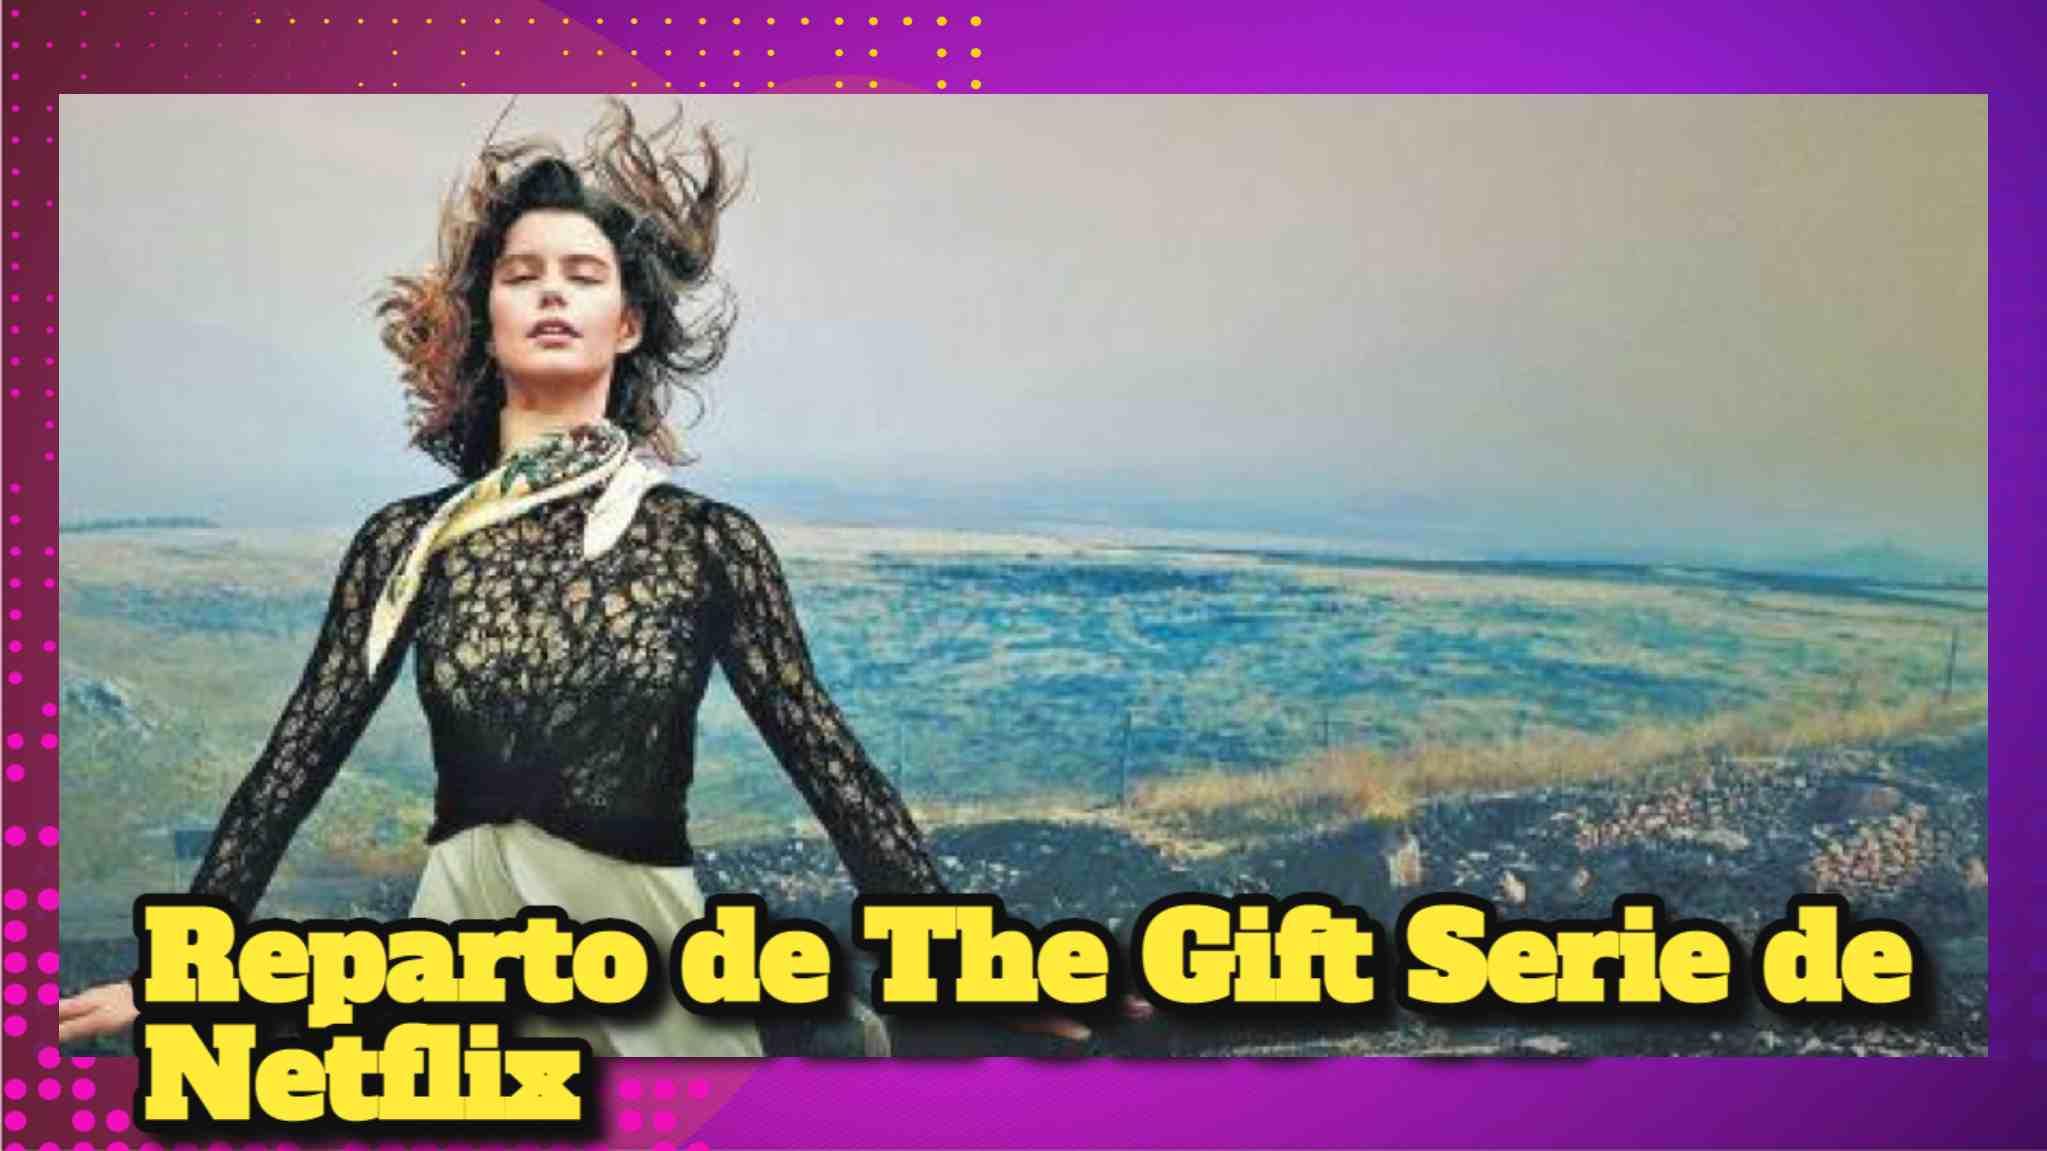 ACTORES, CAST, ELENCO, REPARTO de The Gift